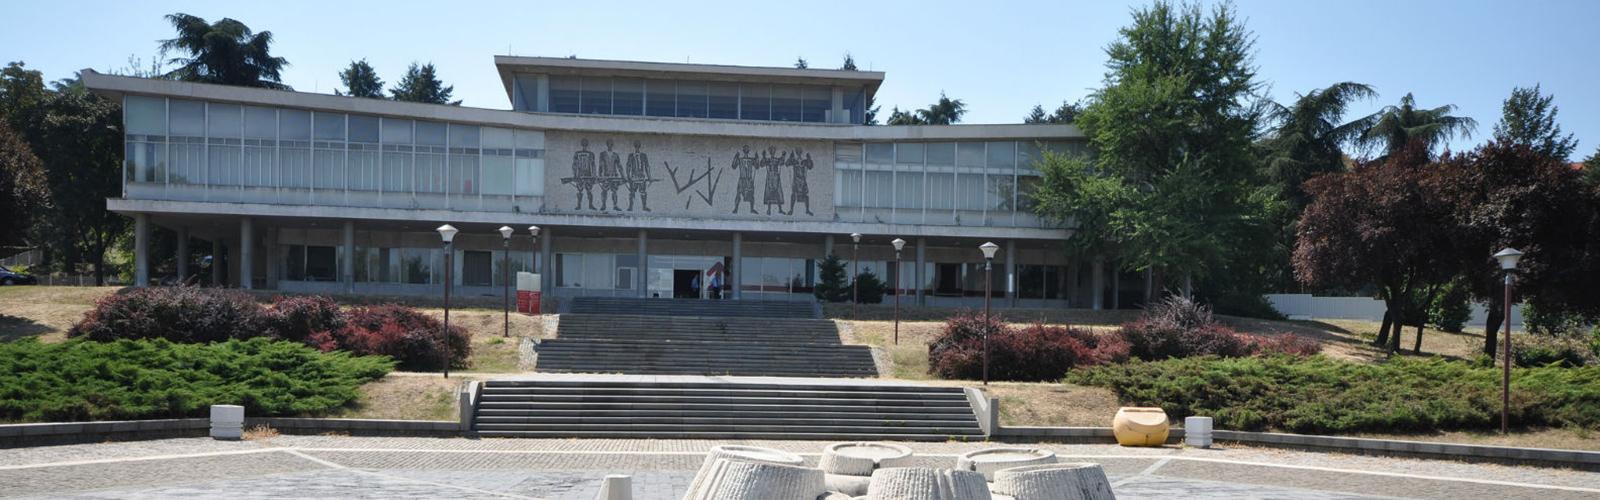 Concierge Belgrade |  Muzej Jugoslavije